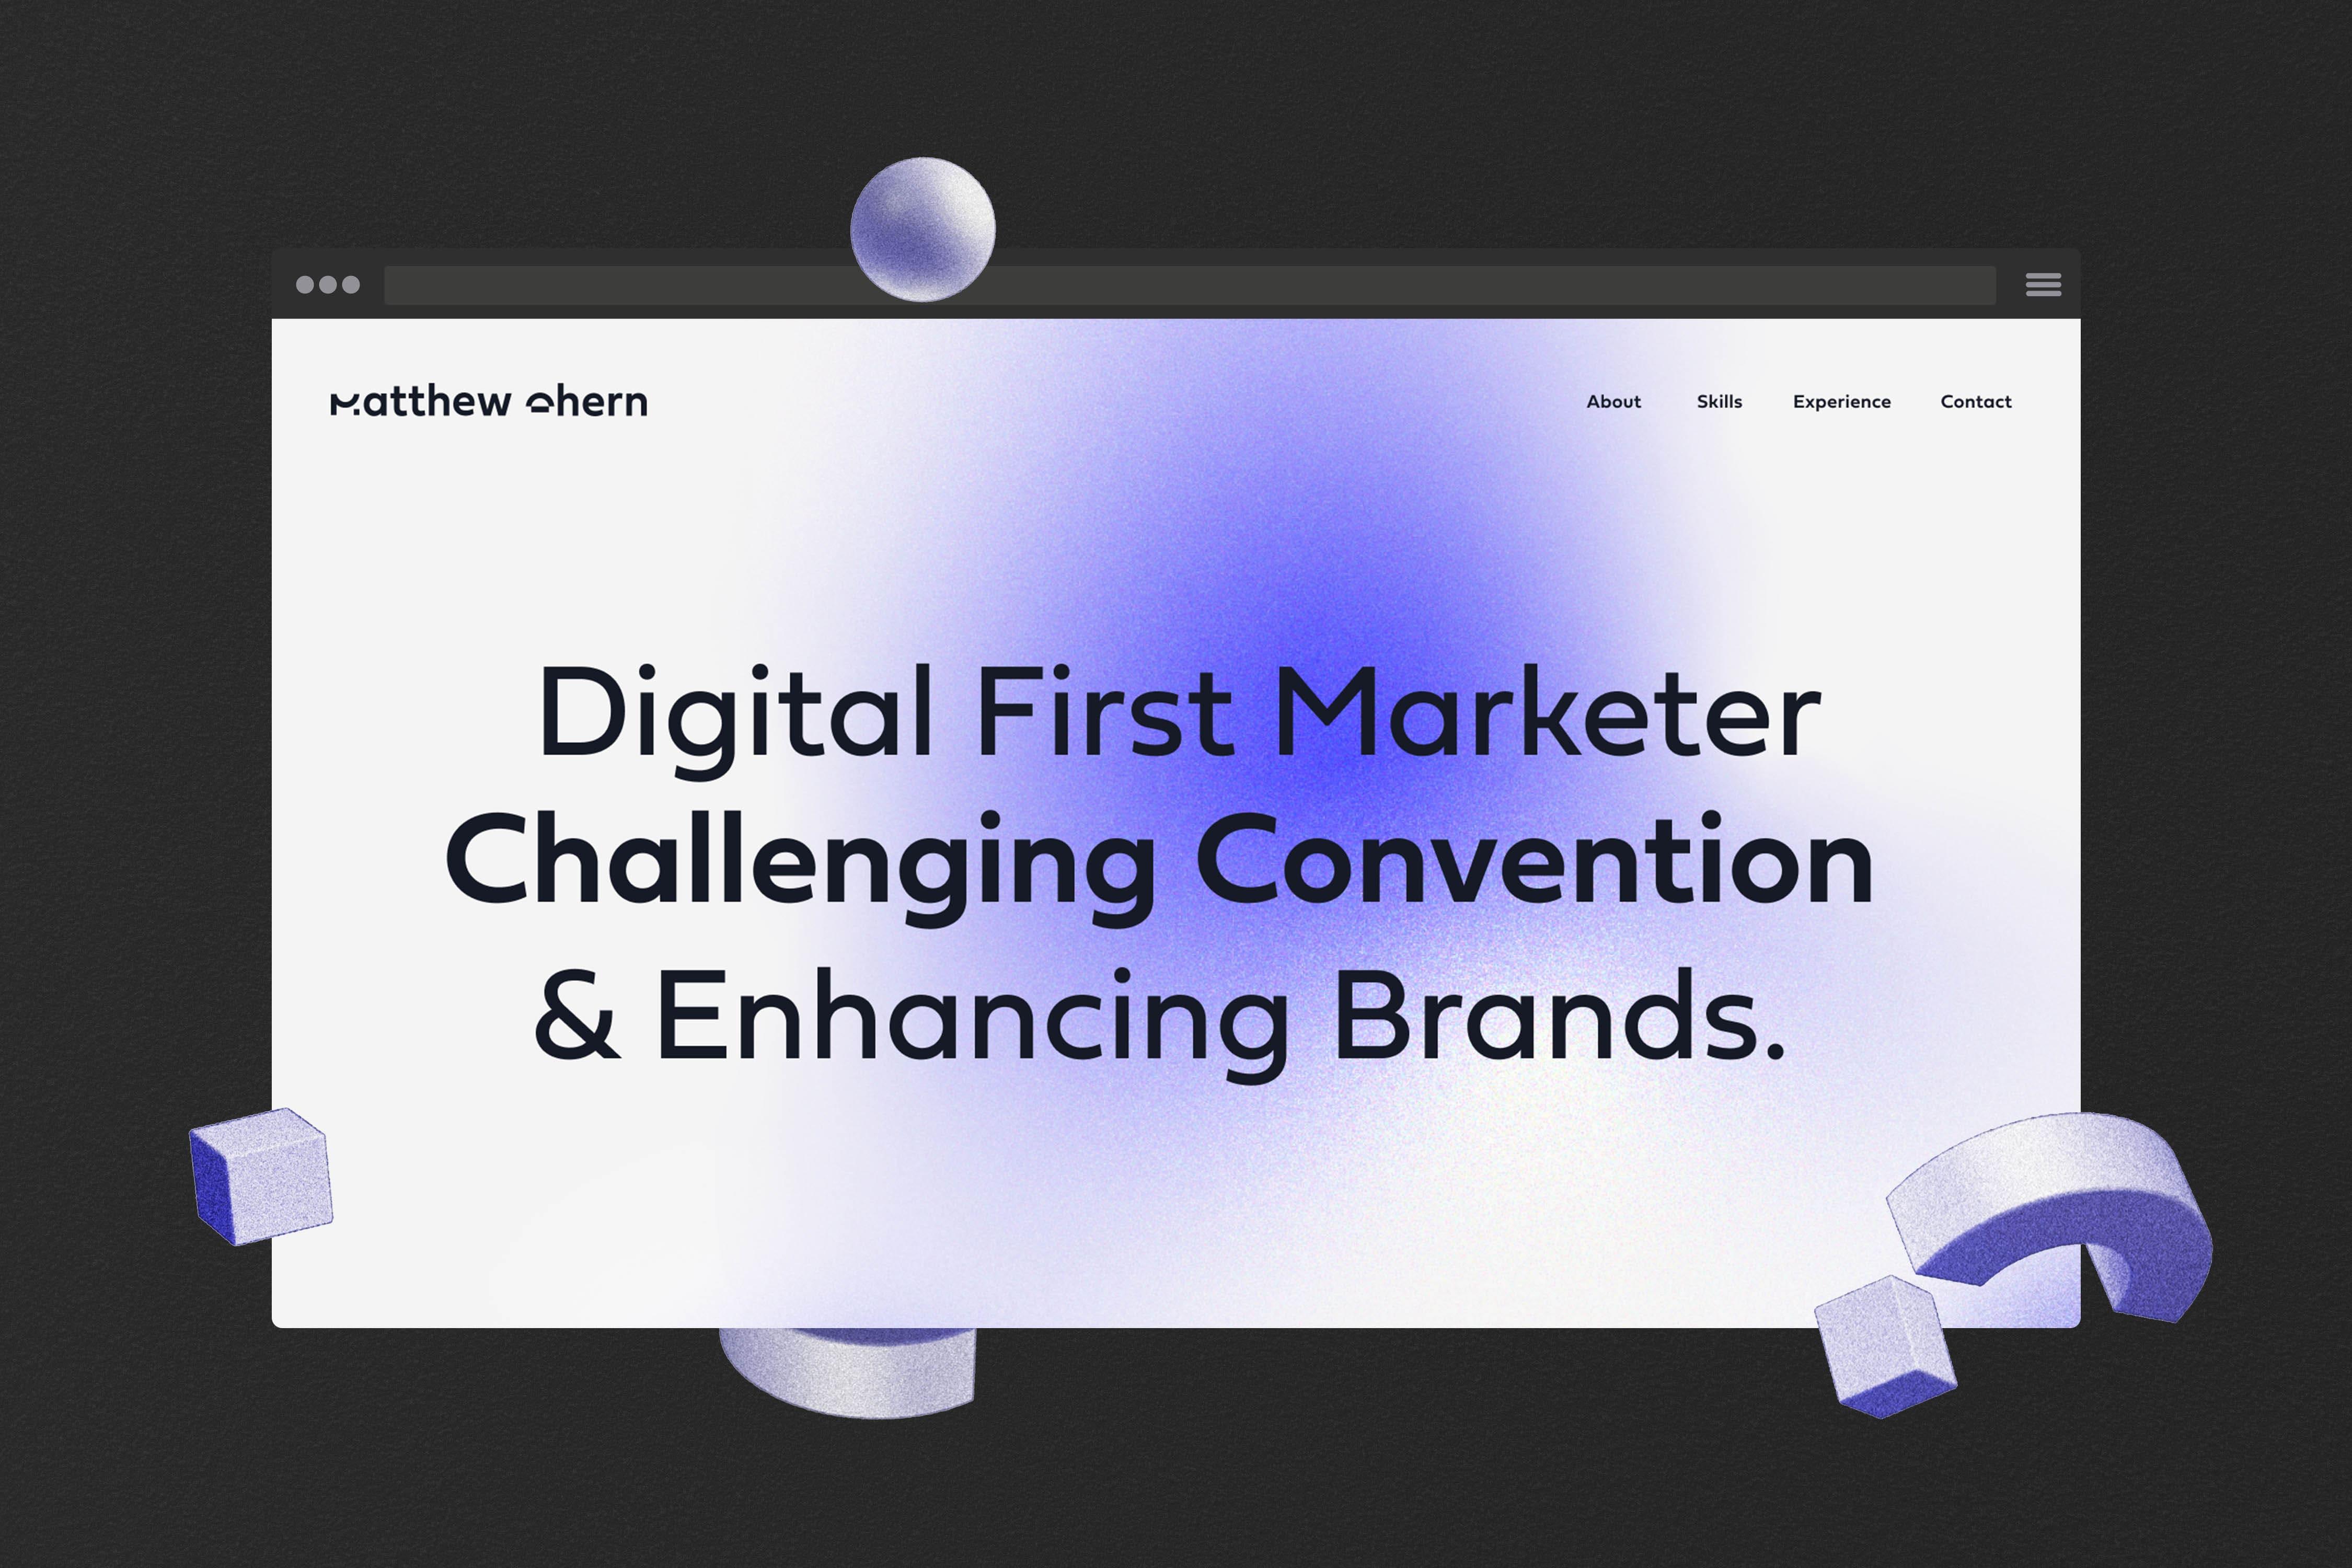 Demystifying the Digital Marketing World With Matthew Ahern